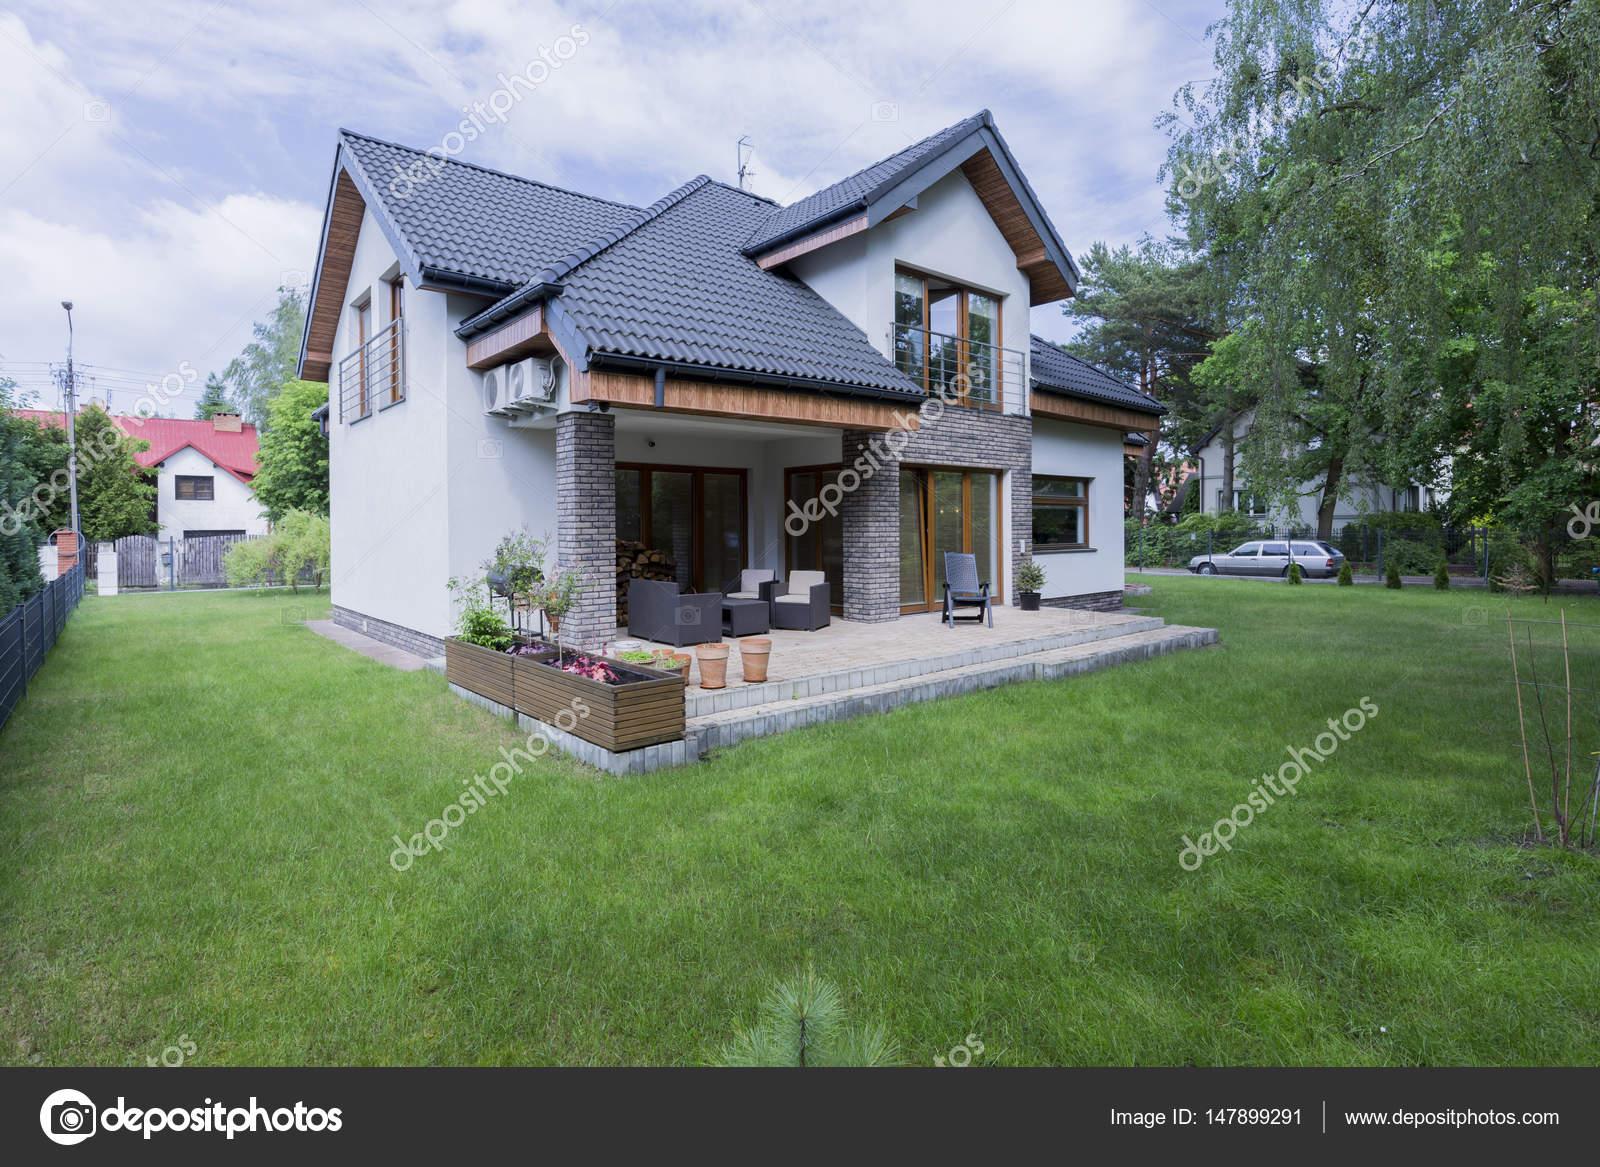 Einfamilienhaus Aussenbereich Mit Terrasse Stockfoto C Photographee